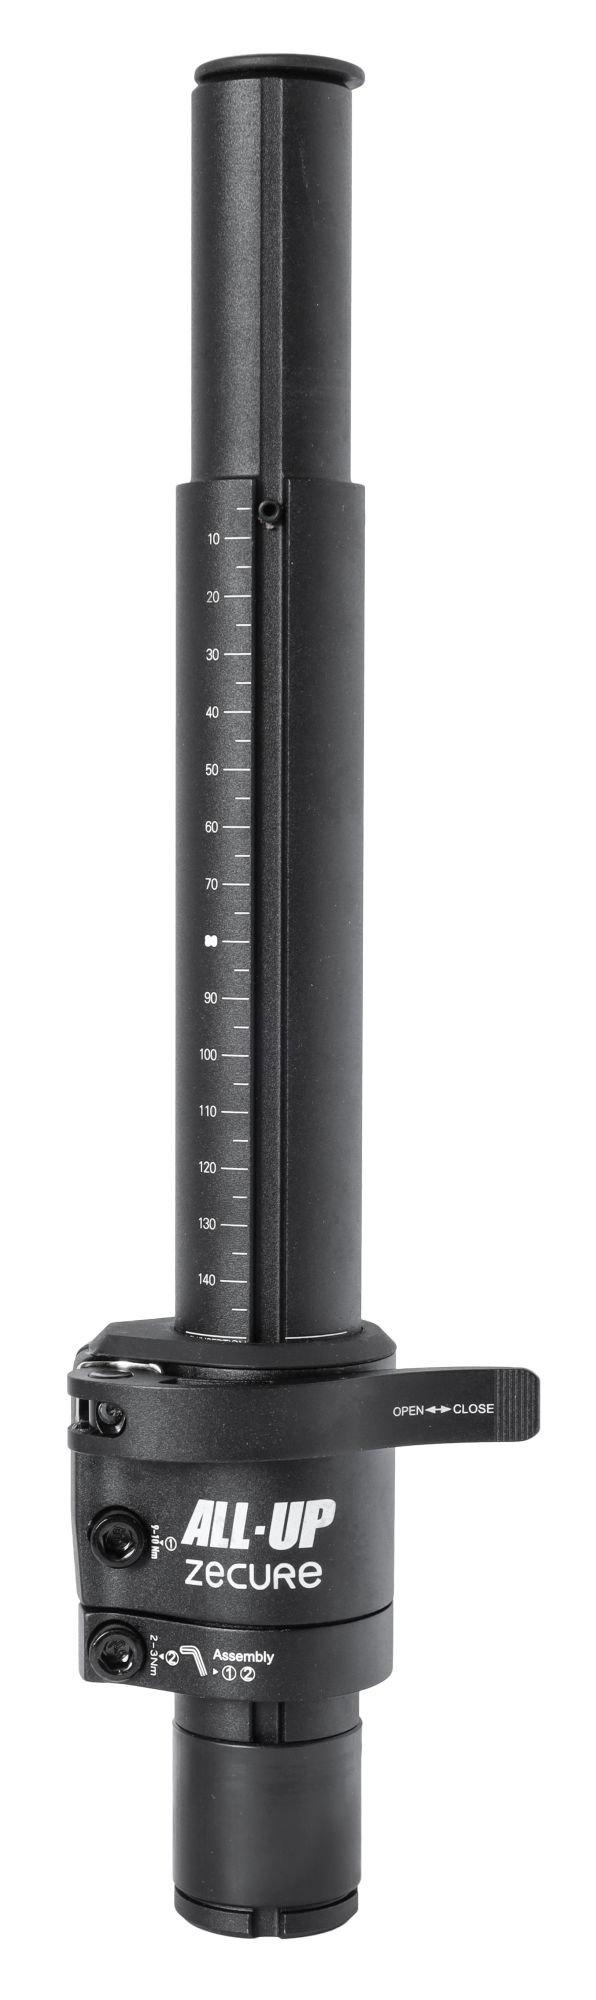 vorbauten/Vorbauten: Zecure  Gabelschaftverlängerung All-Up  SR 53 150mm